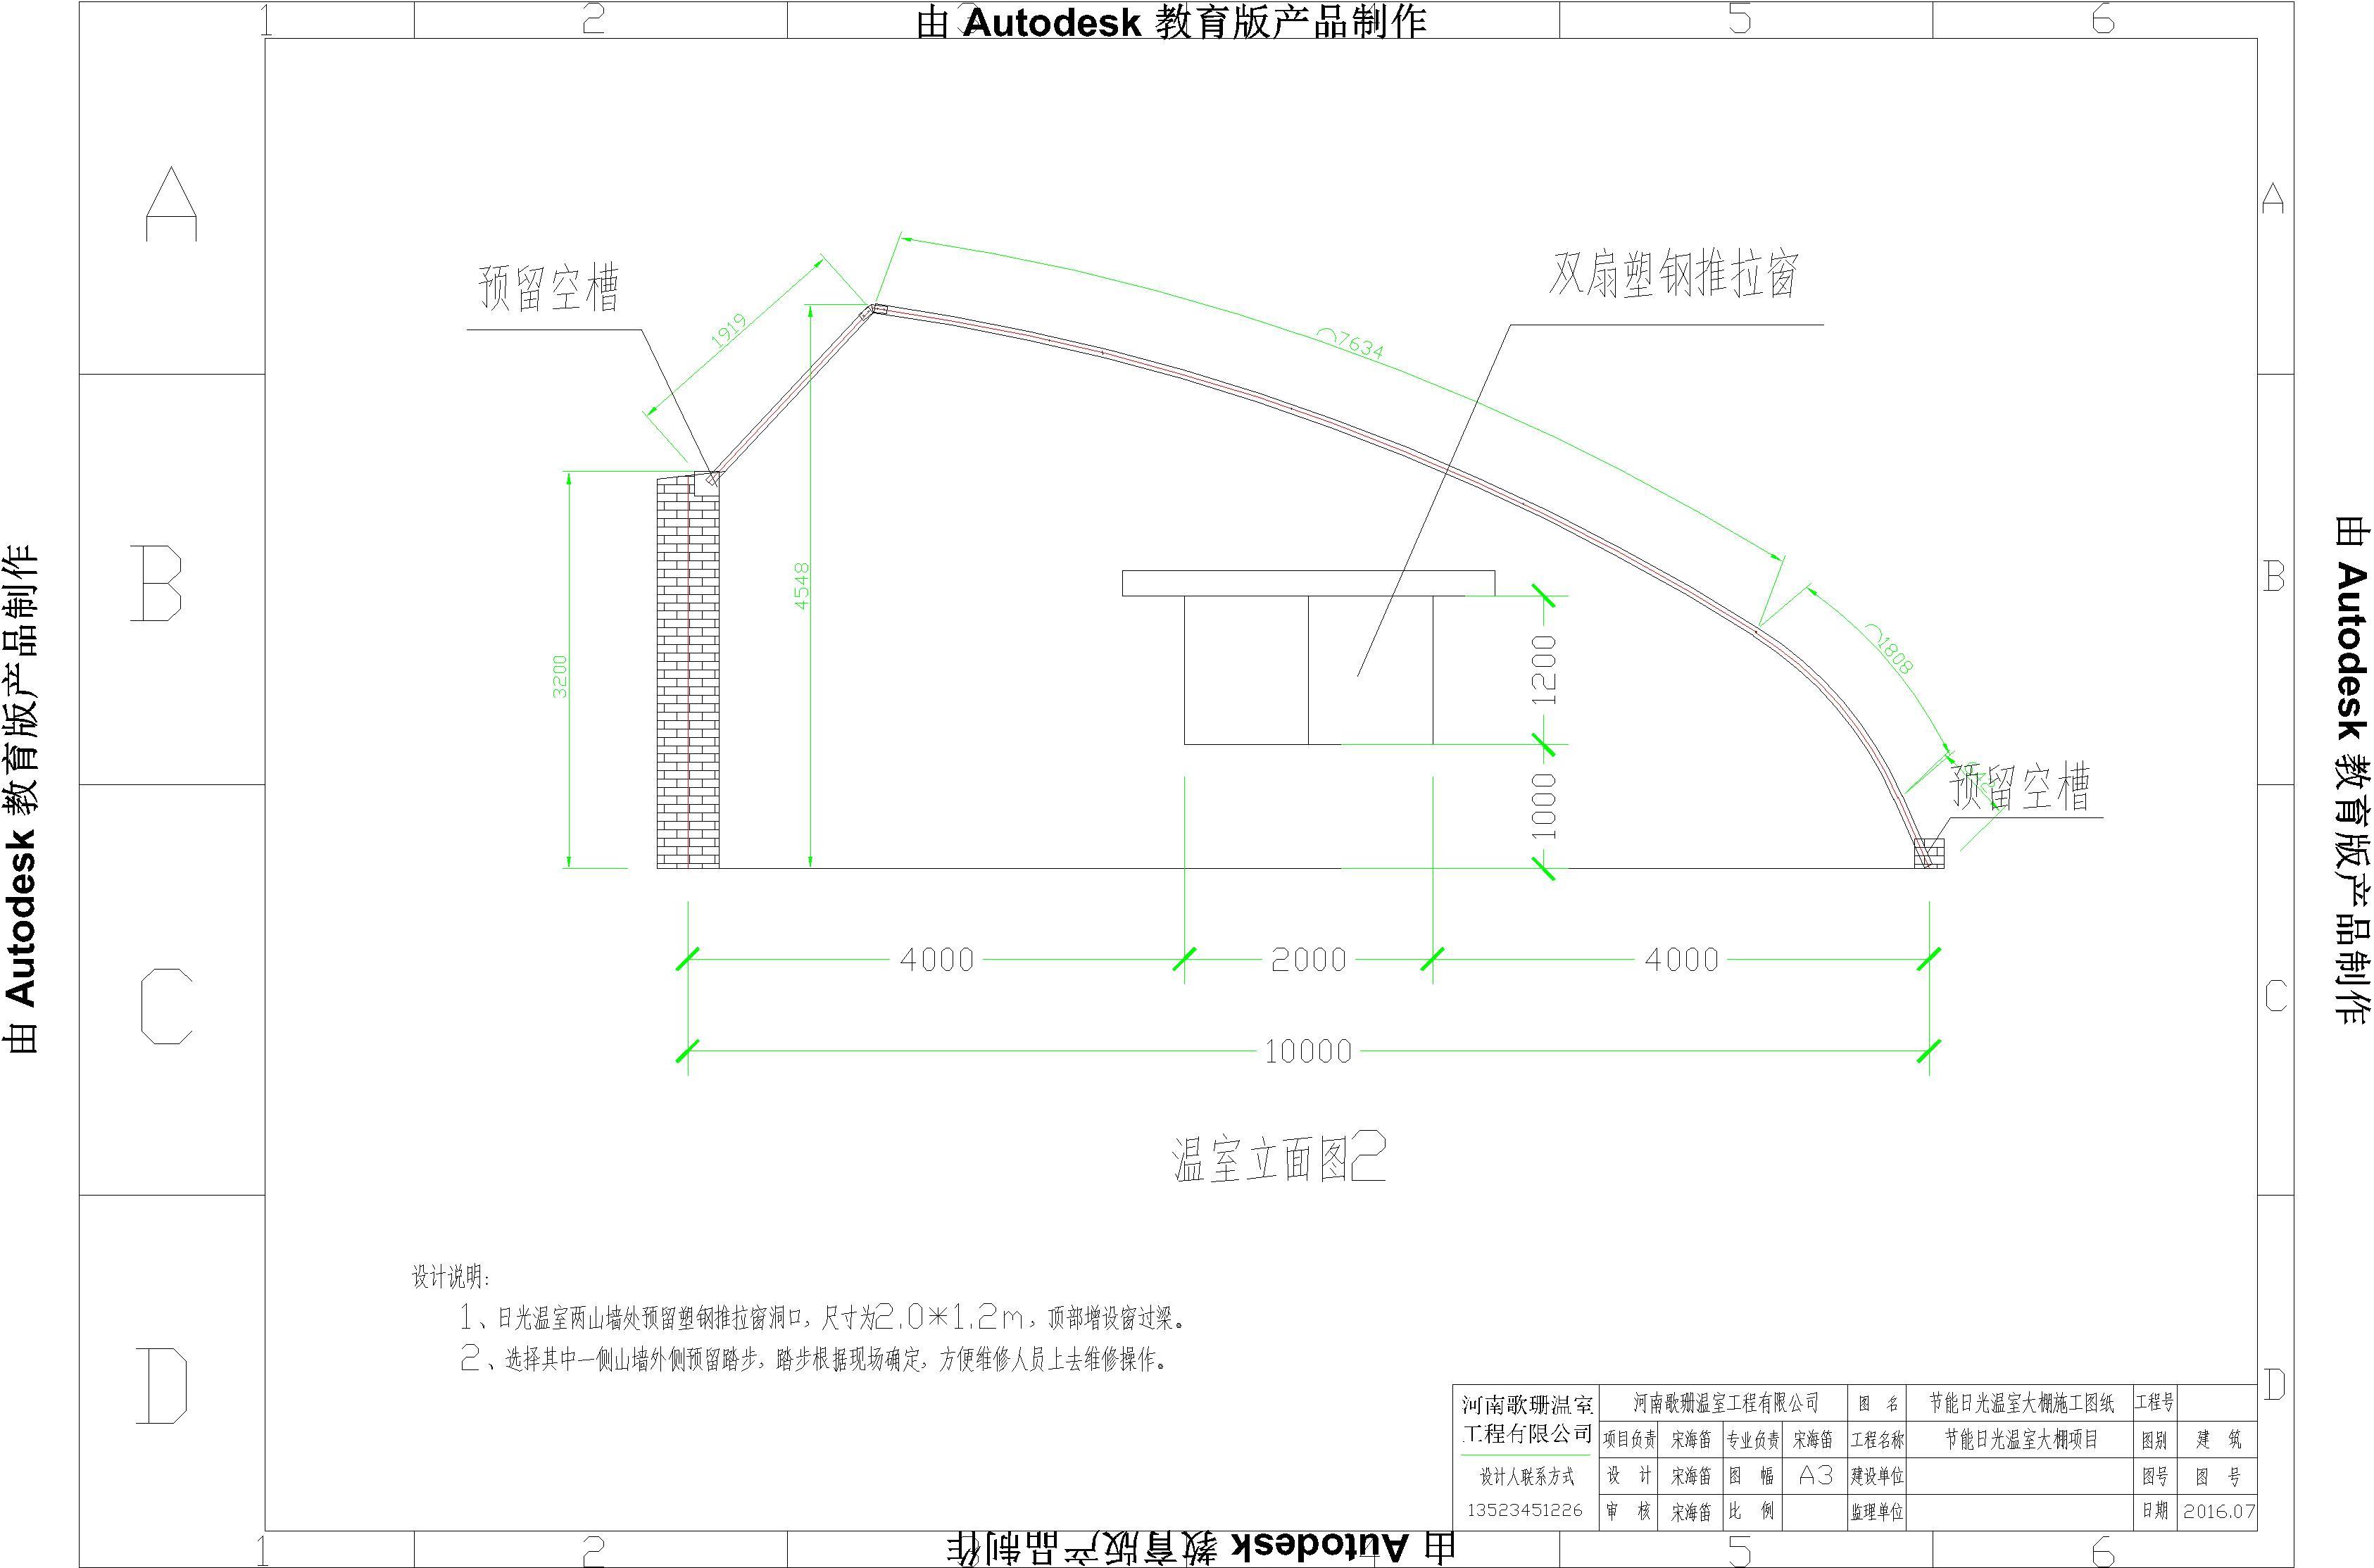 【歌珊温室】10米跨度节能日光温室大棚施工图纸